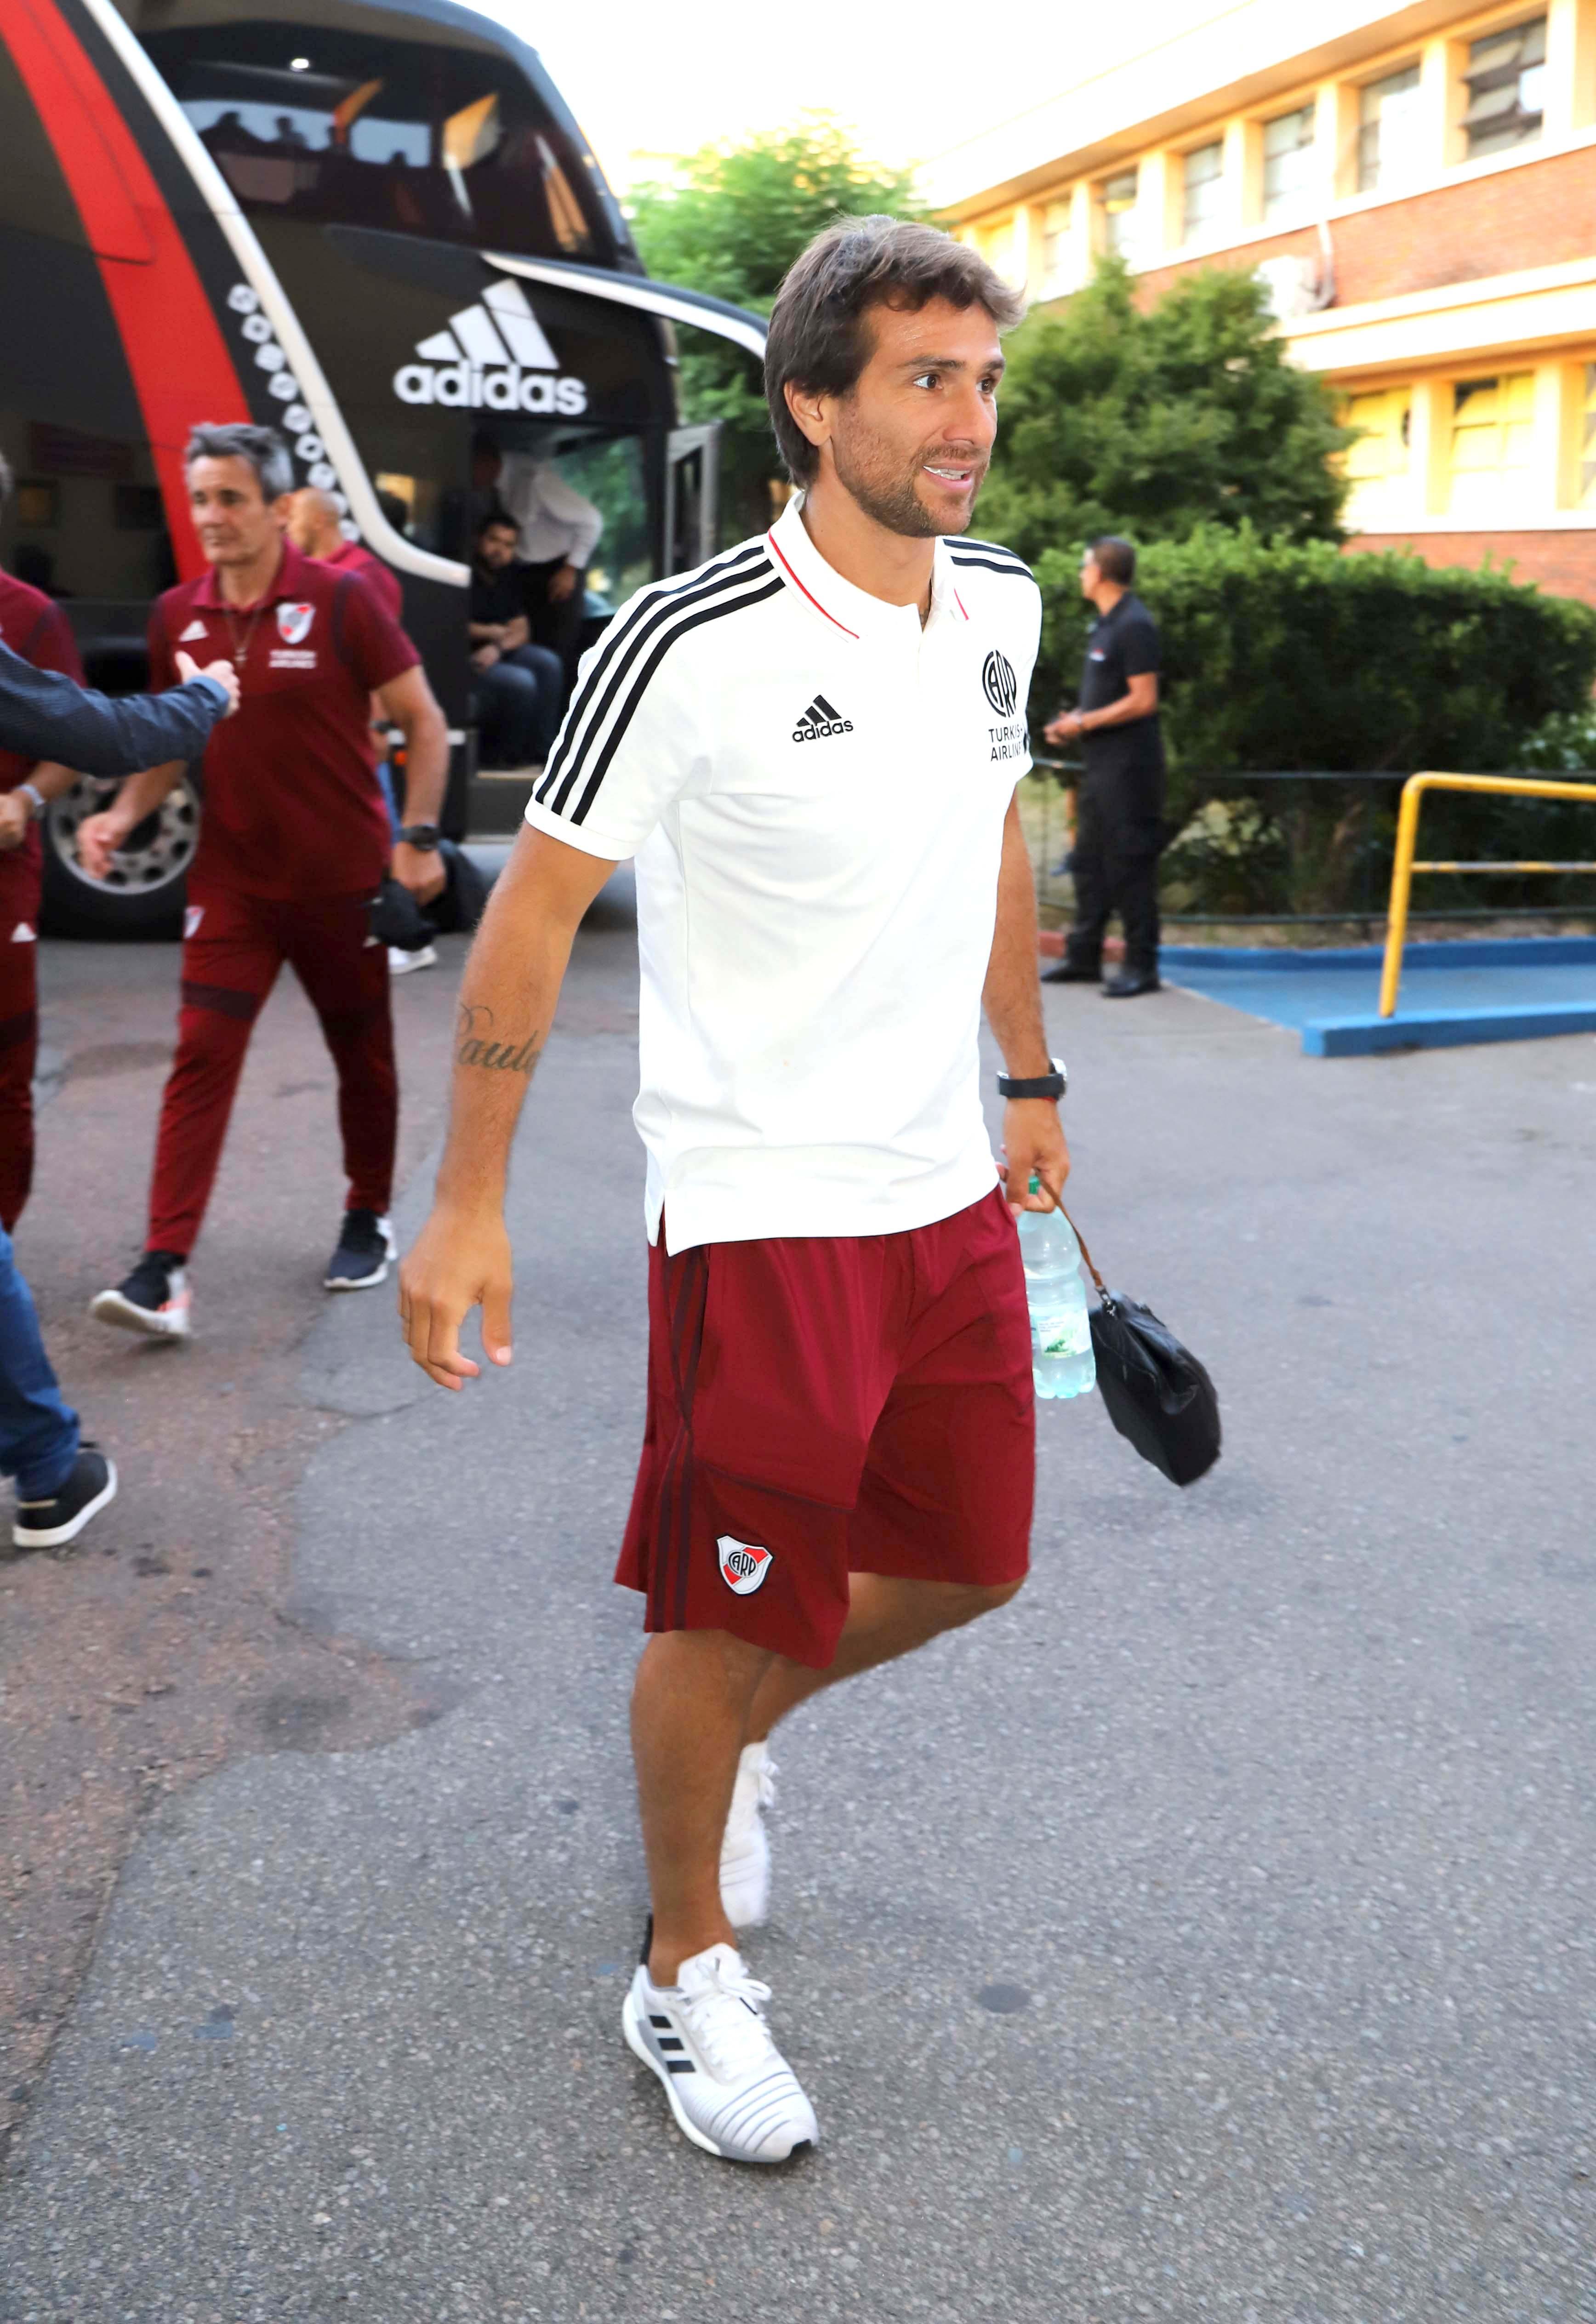 La llegada de los jugadores de River. Leonardo Ponzio